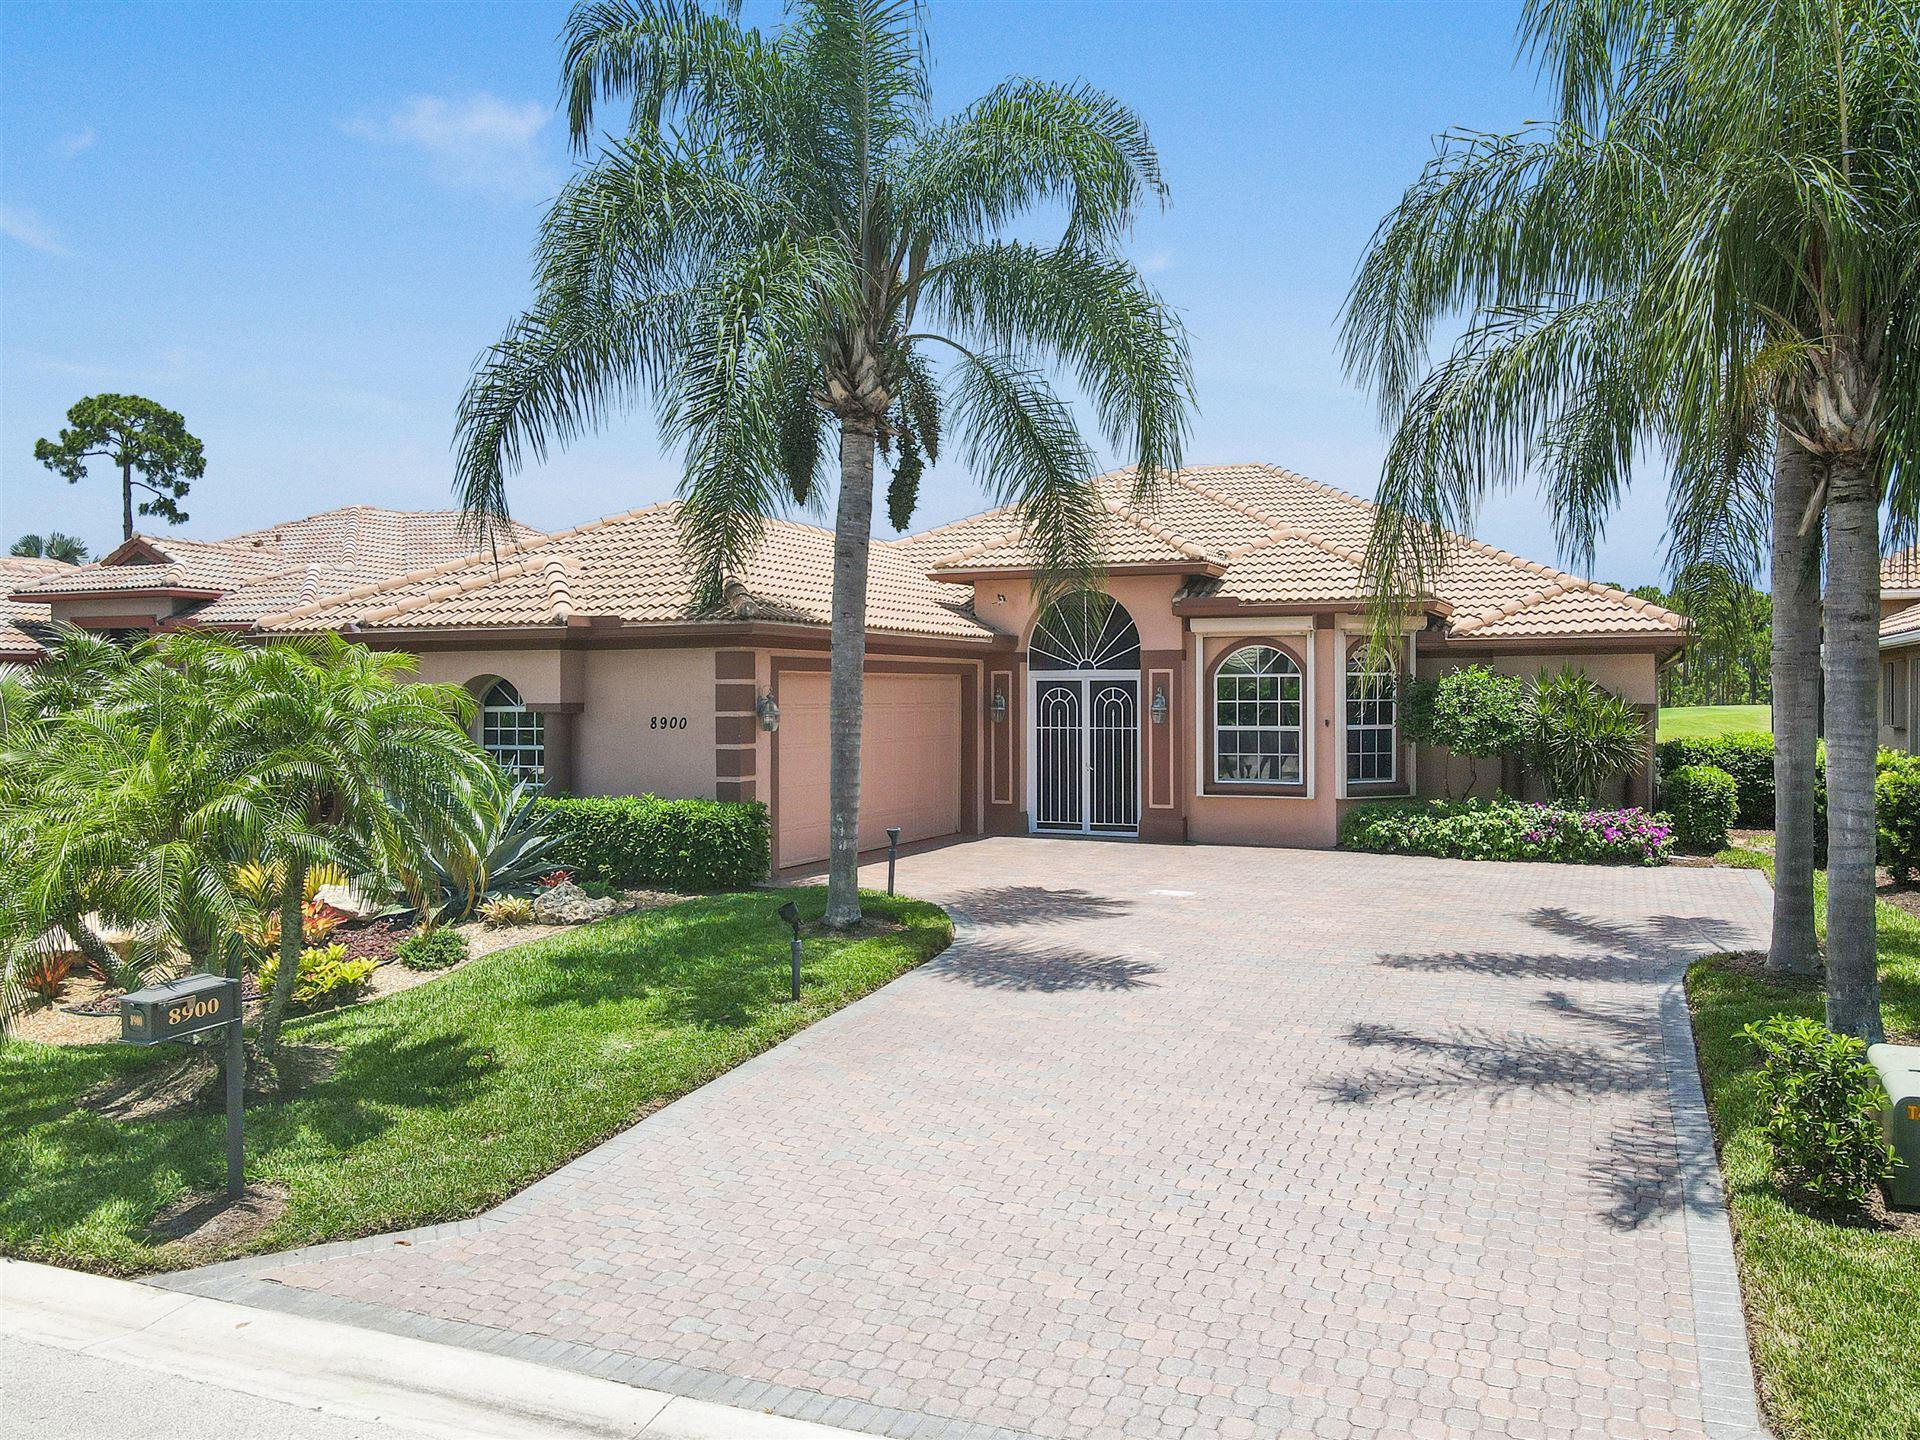 8900 One Putt Place, Port Saint Lucie, FL 34986 - MLS#: RX-10723290